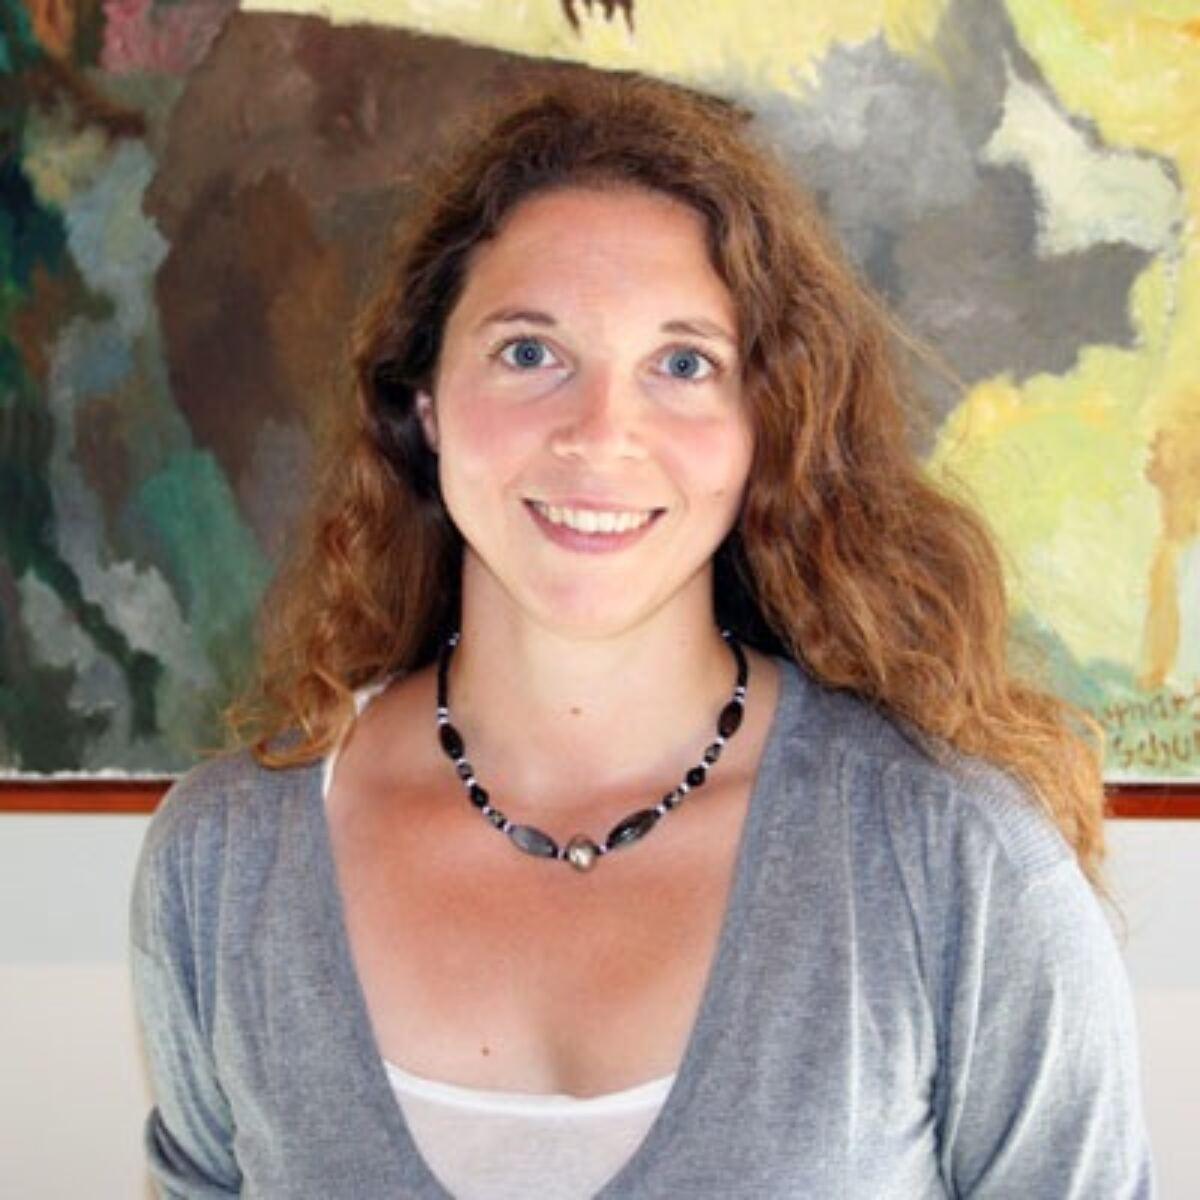 Camille Kostek John Feitelberg: Center For European Studies At Harvard